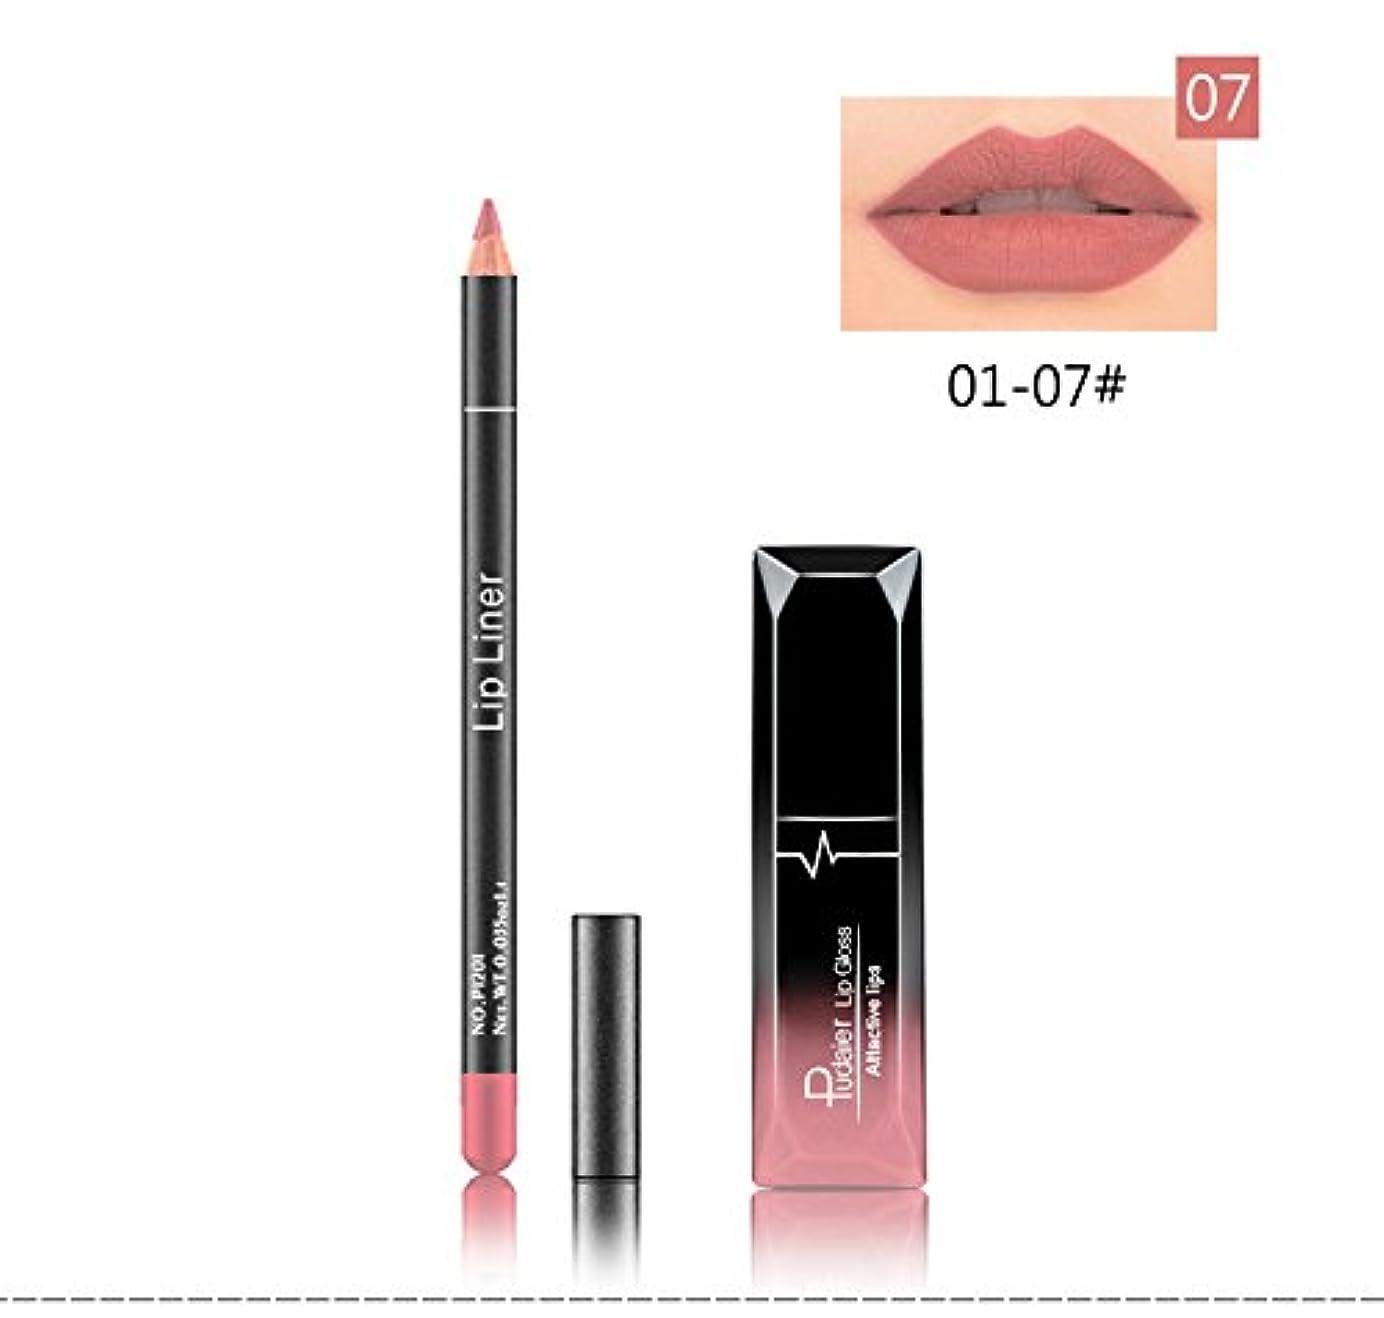 ベイビーコーンウォール証拠(07) Pudaier 1pc Matte Liquid Lipstick Cosmetic Lip Kit+ 1 Pc Nude Lip Liner Pencil MakeUp Set Waterproof Long...